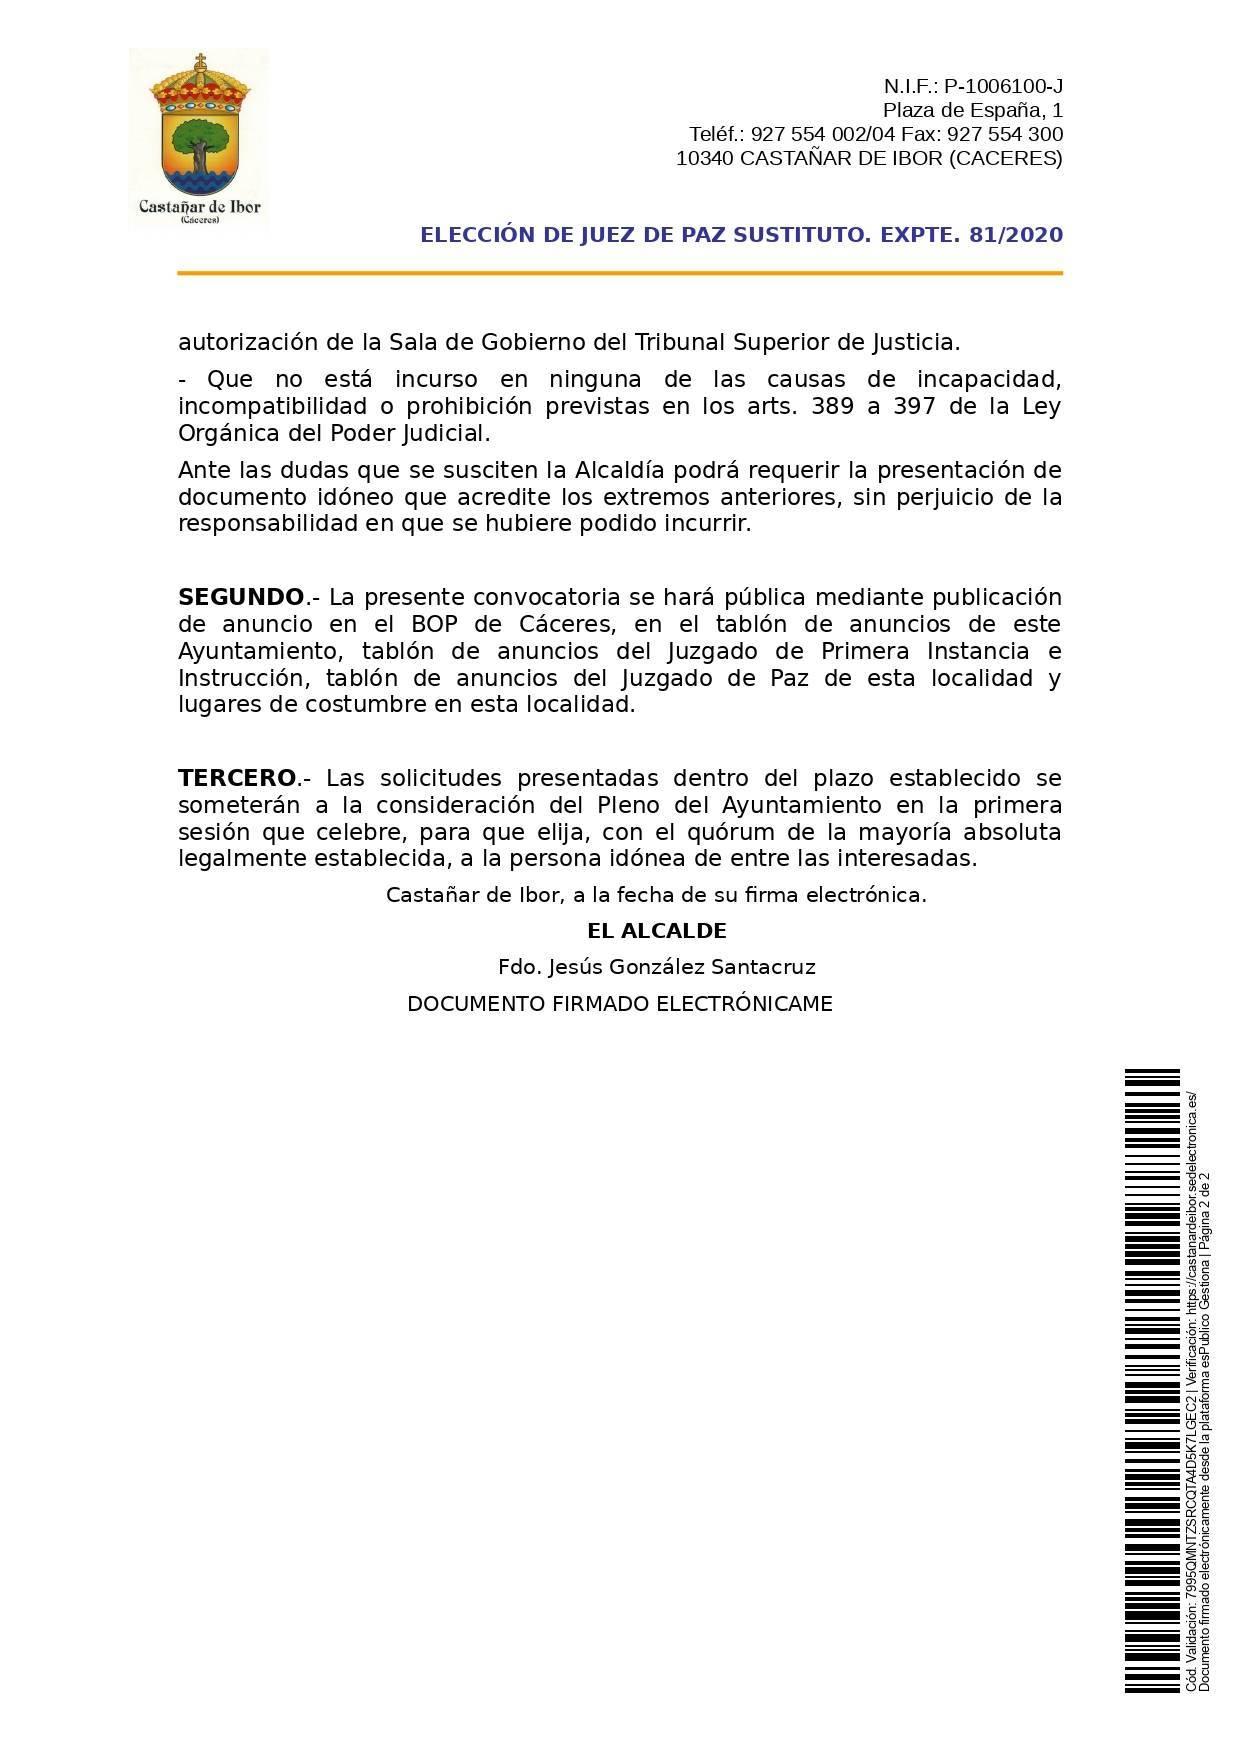 Juez de paz 2020 - Castañar de Ibor (Cáceres) 2